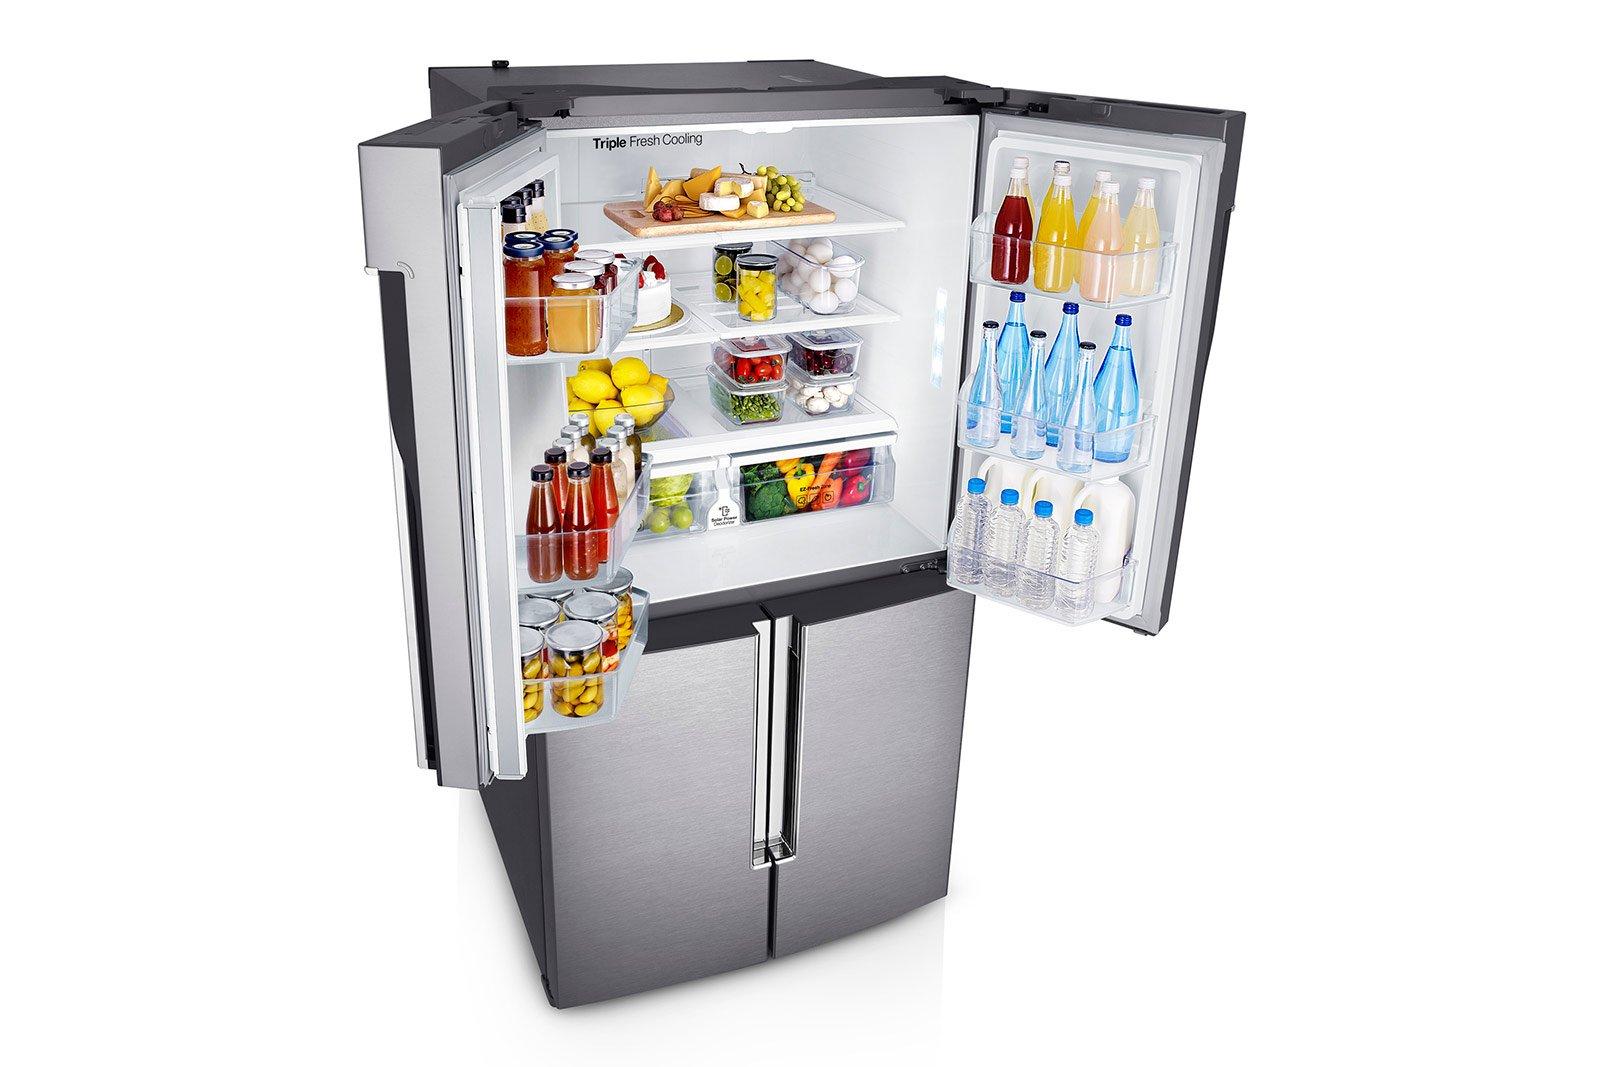 Frigo e congelatore modelli maxi a tre porte side by side cose di casa - Temperatura freezer casa ...